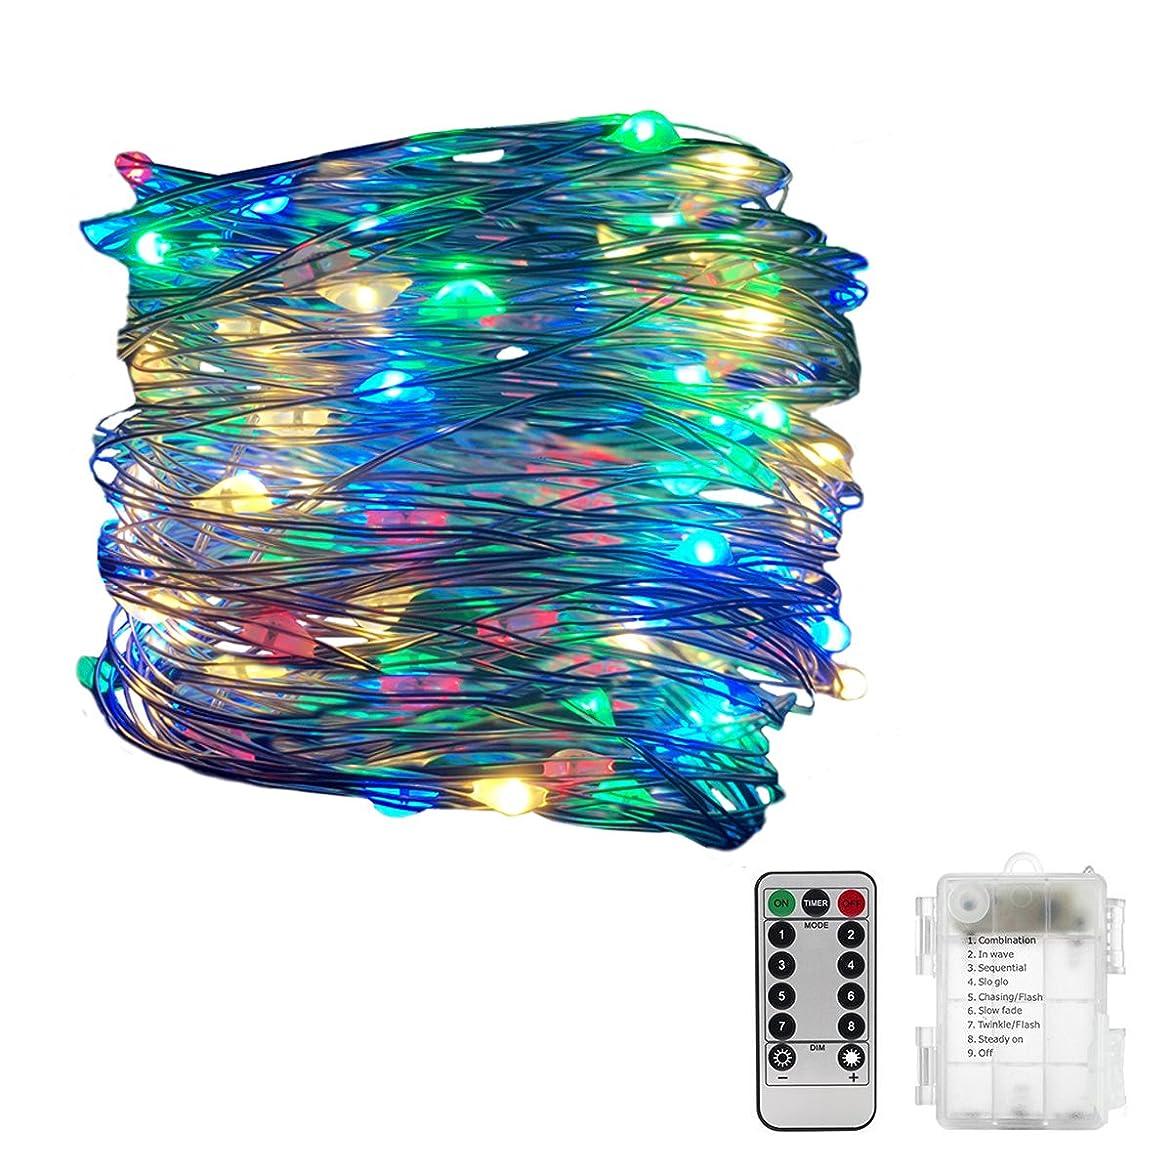 挑む含意いとこイルミネーションライト10M 100LED ーション 電池式 室内 室外 防水 LED ライト リモコン 付き 室外 装飾 結婚式 パーティー 飾り ライト 正月 クリスマス 飾り (レインボー4色)